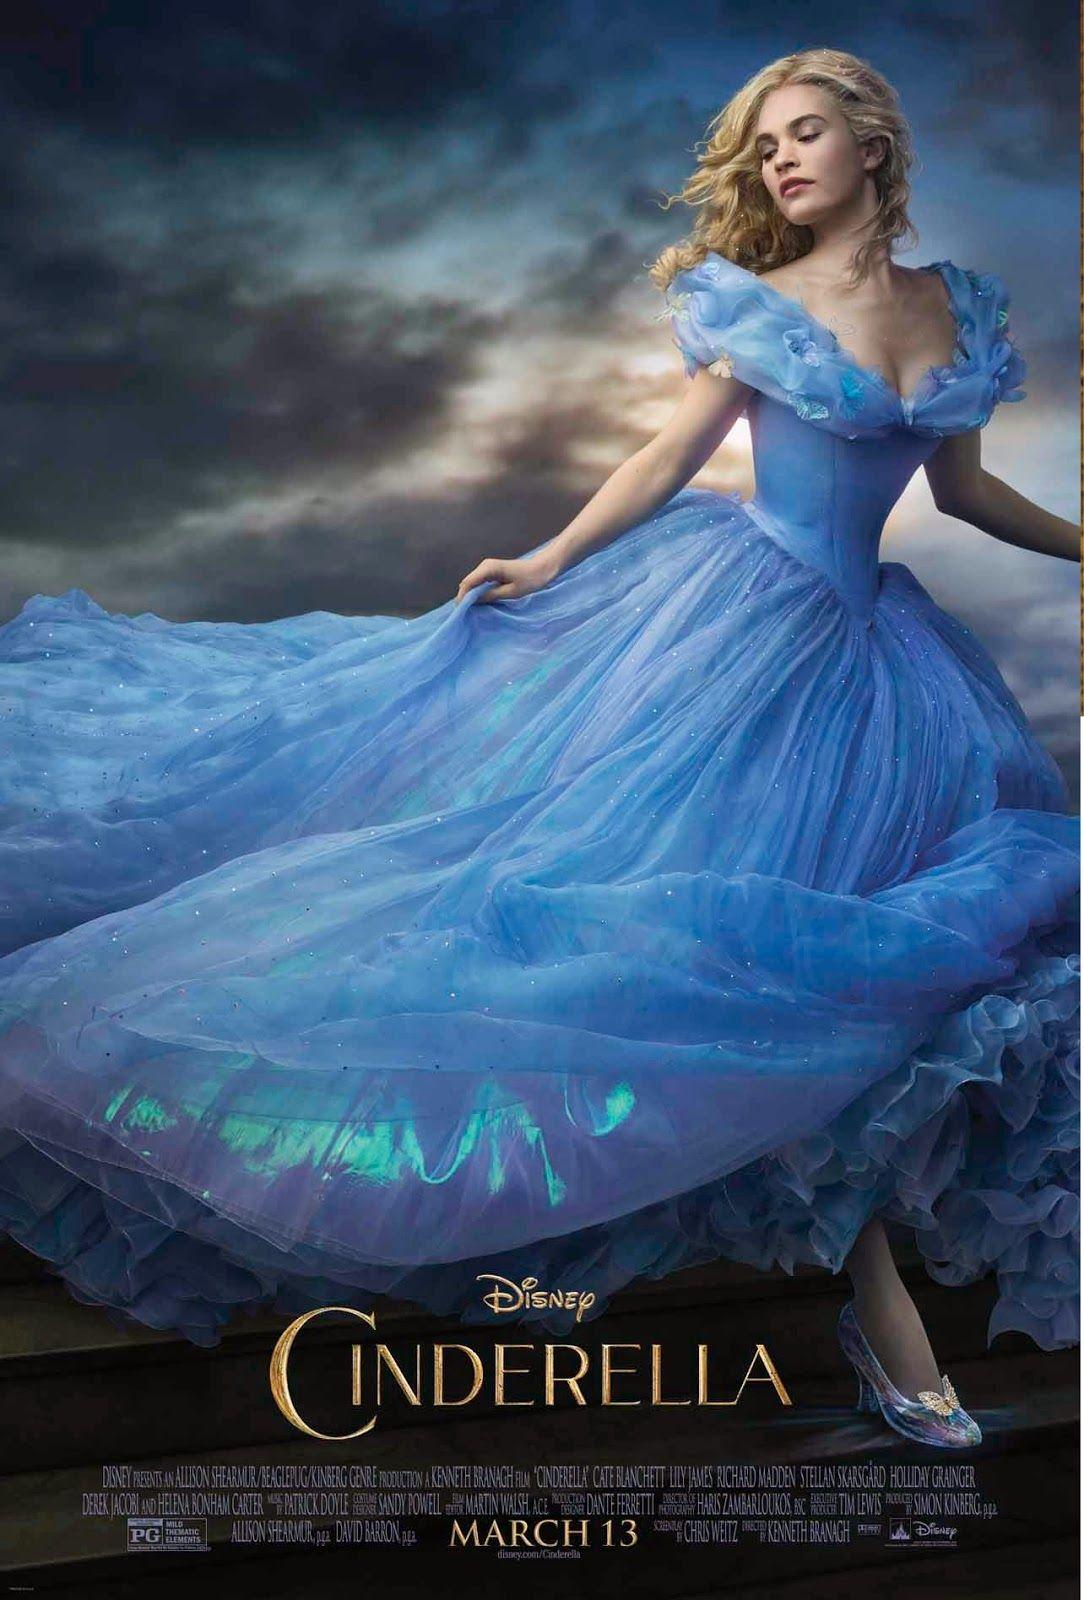 Imaginary World Sensacionales Imagenes De La Nueva Cenicienta Y Su Encantador Vestido Azul La Cenicienta Pelicula Peliculas De Disney Vestidos De Cenicienta